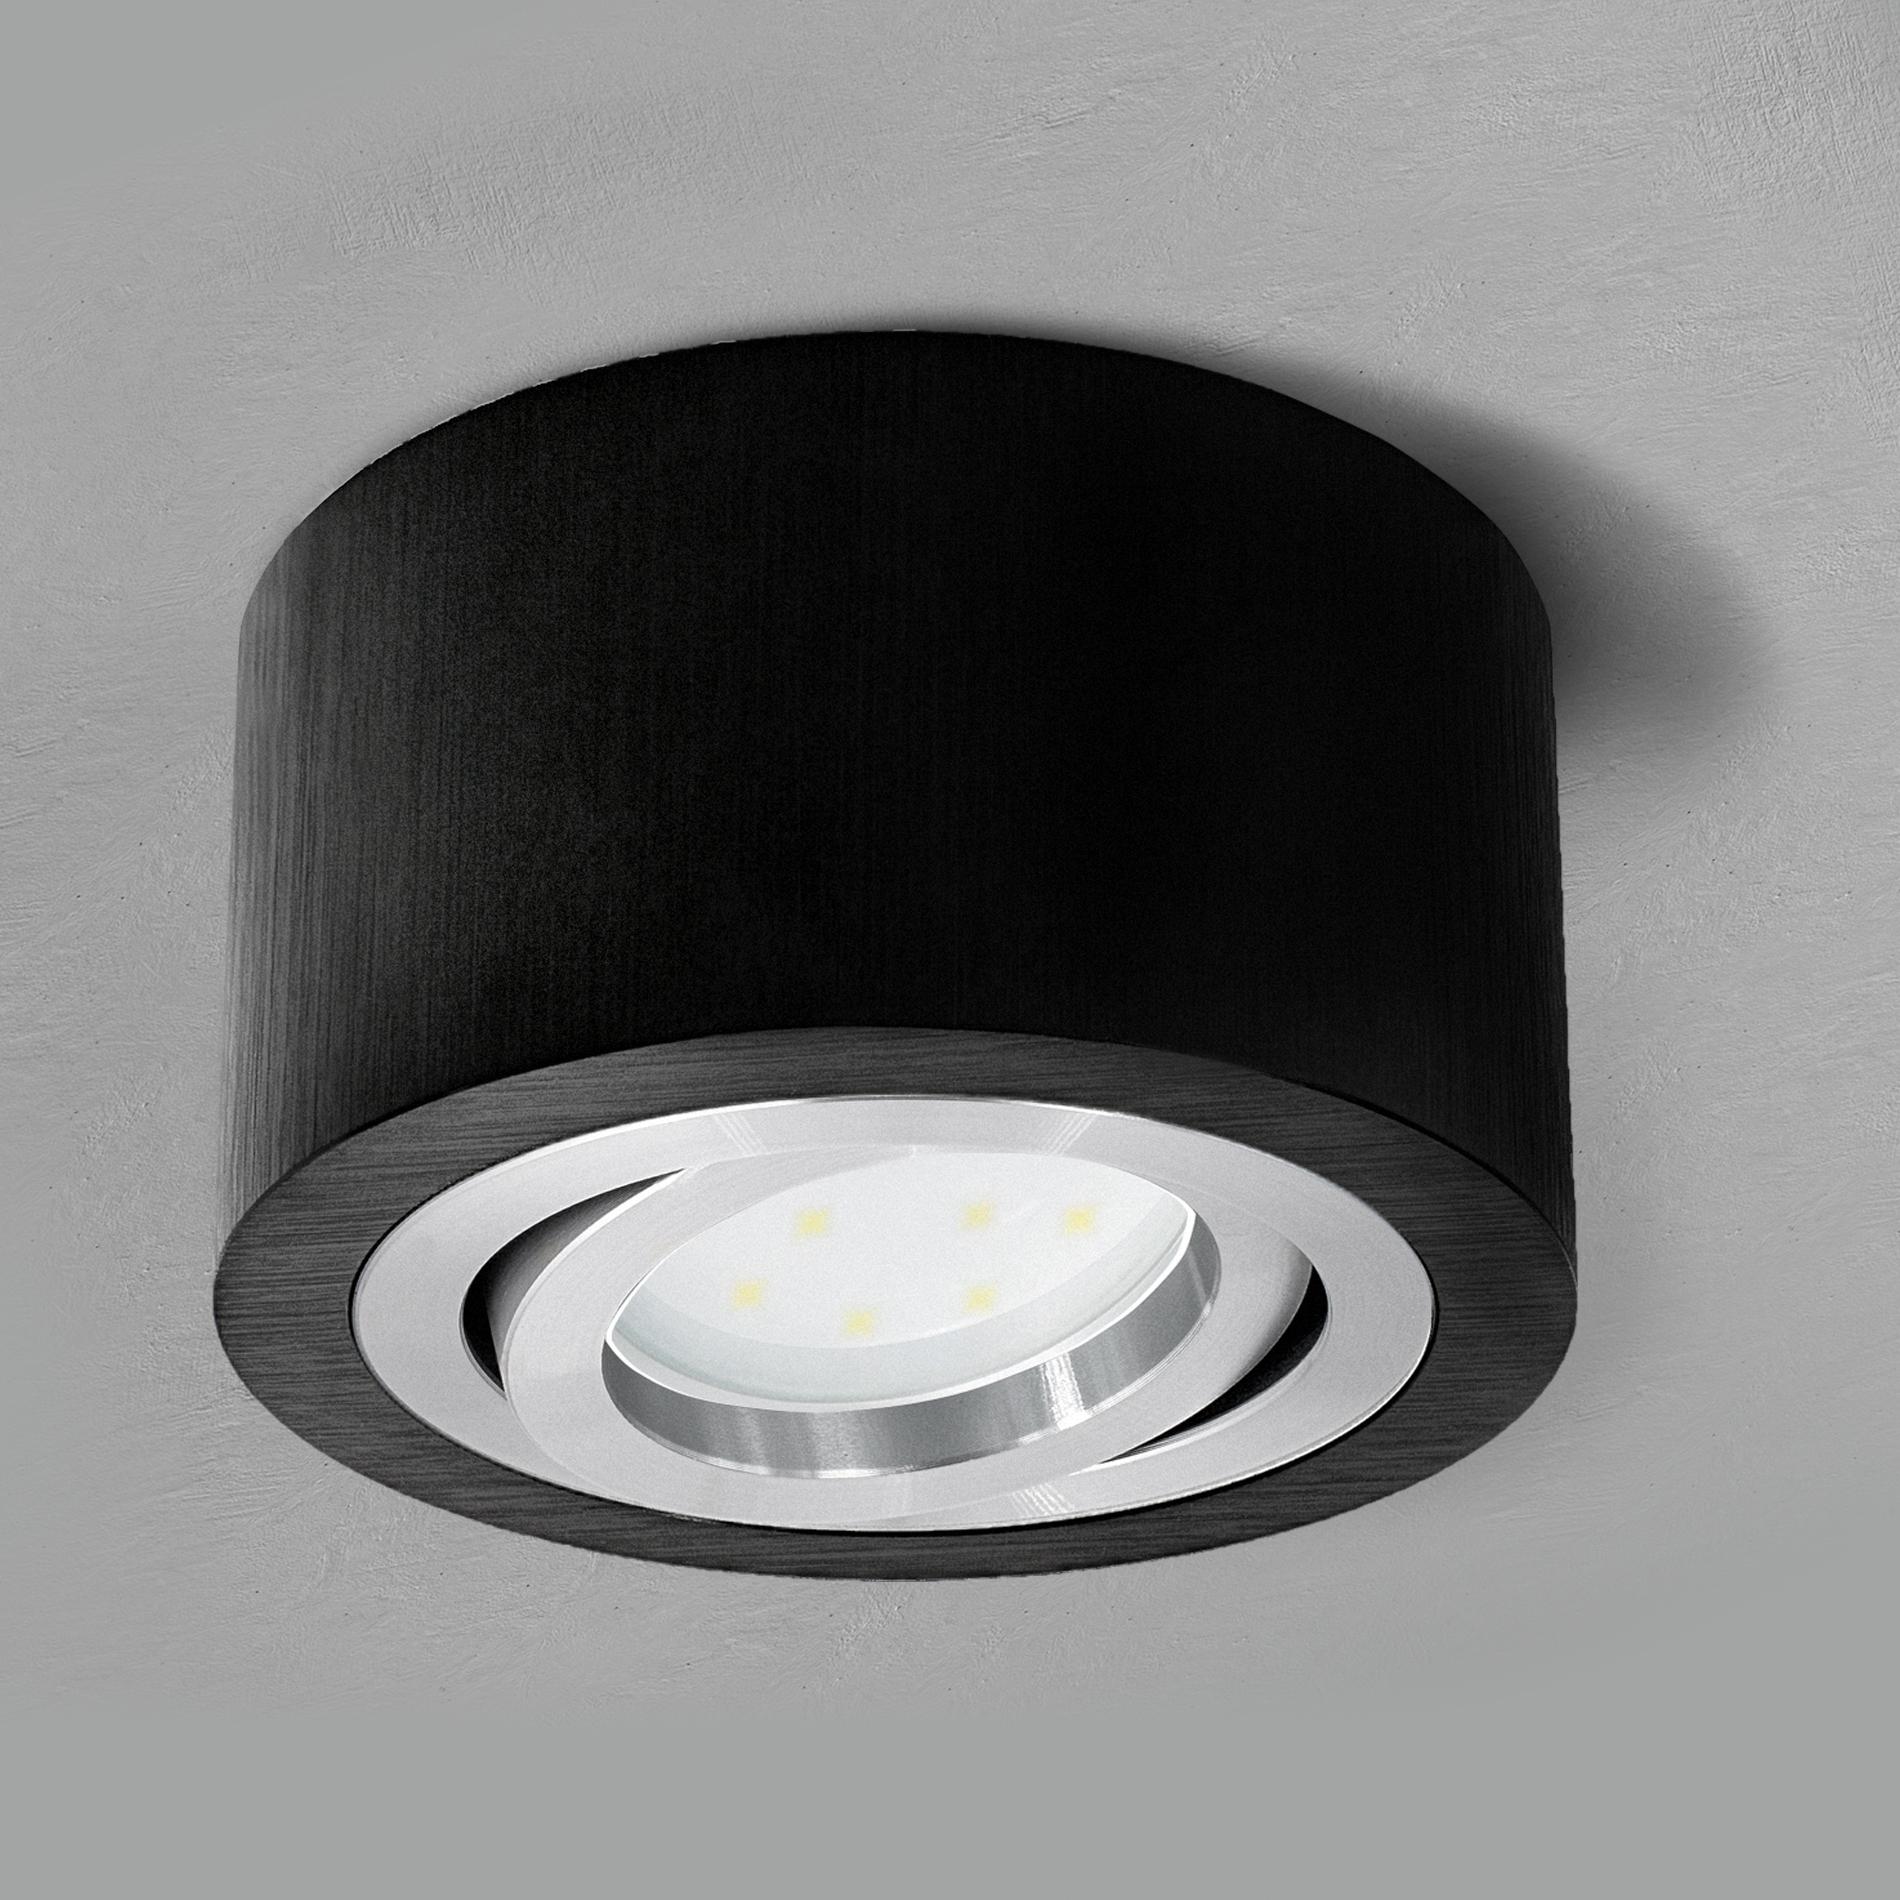 LED GU10 5W Leuchtmittel 230V Aufbau Leuchte Strahler Deckenleuchte Aufbauspot